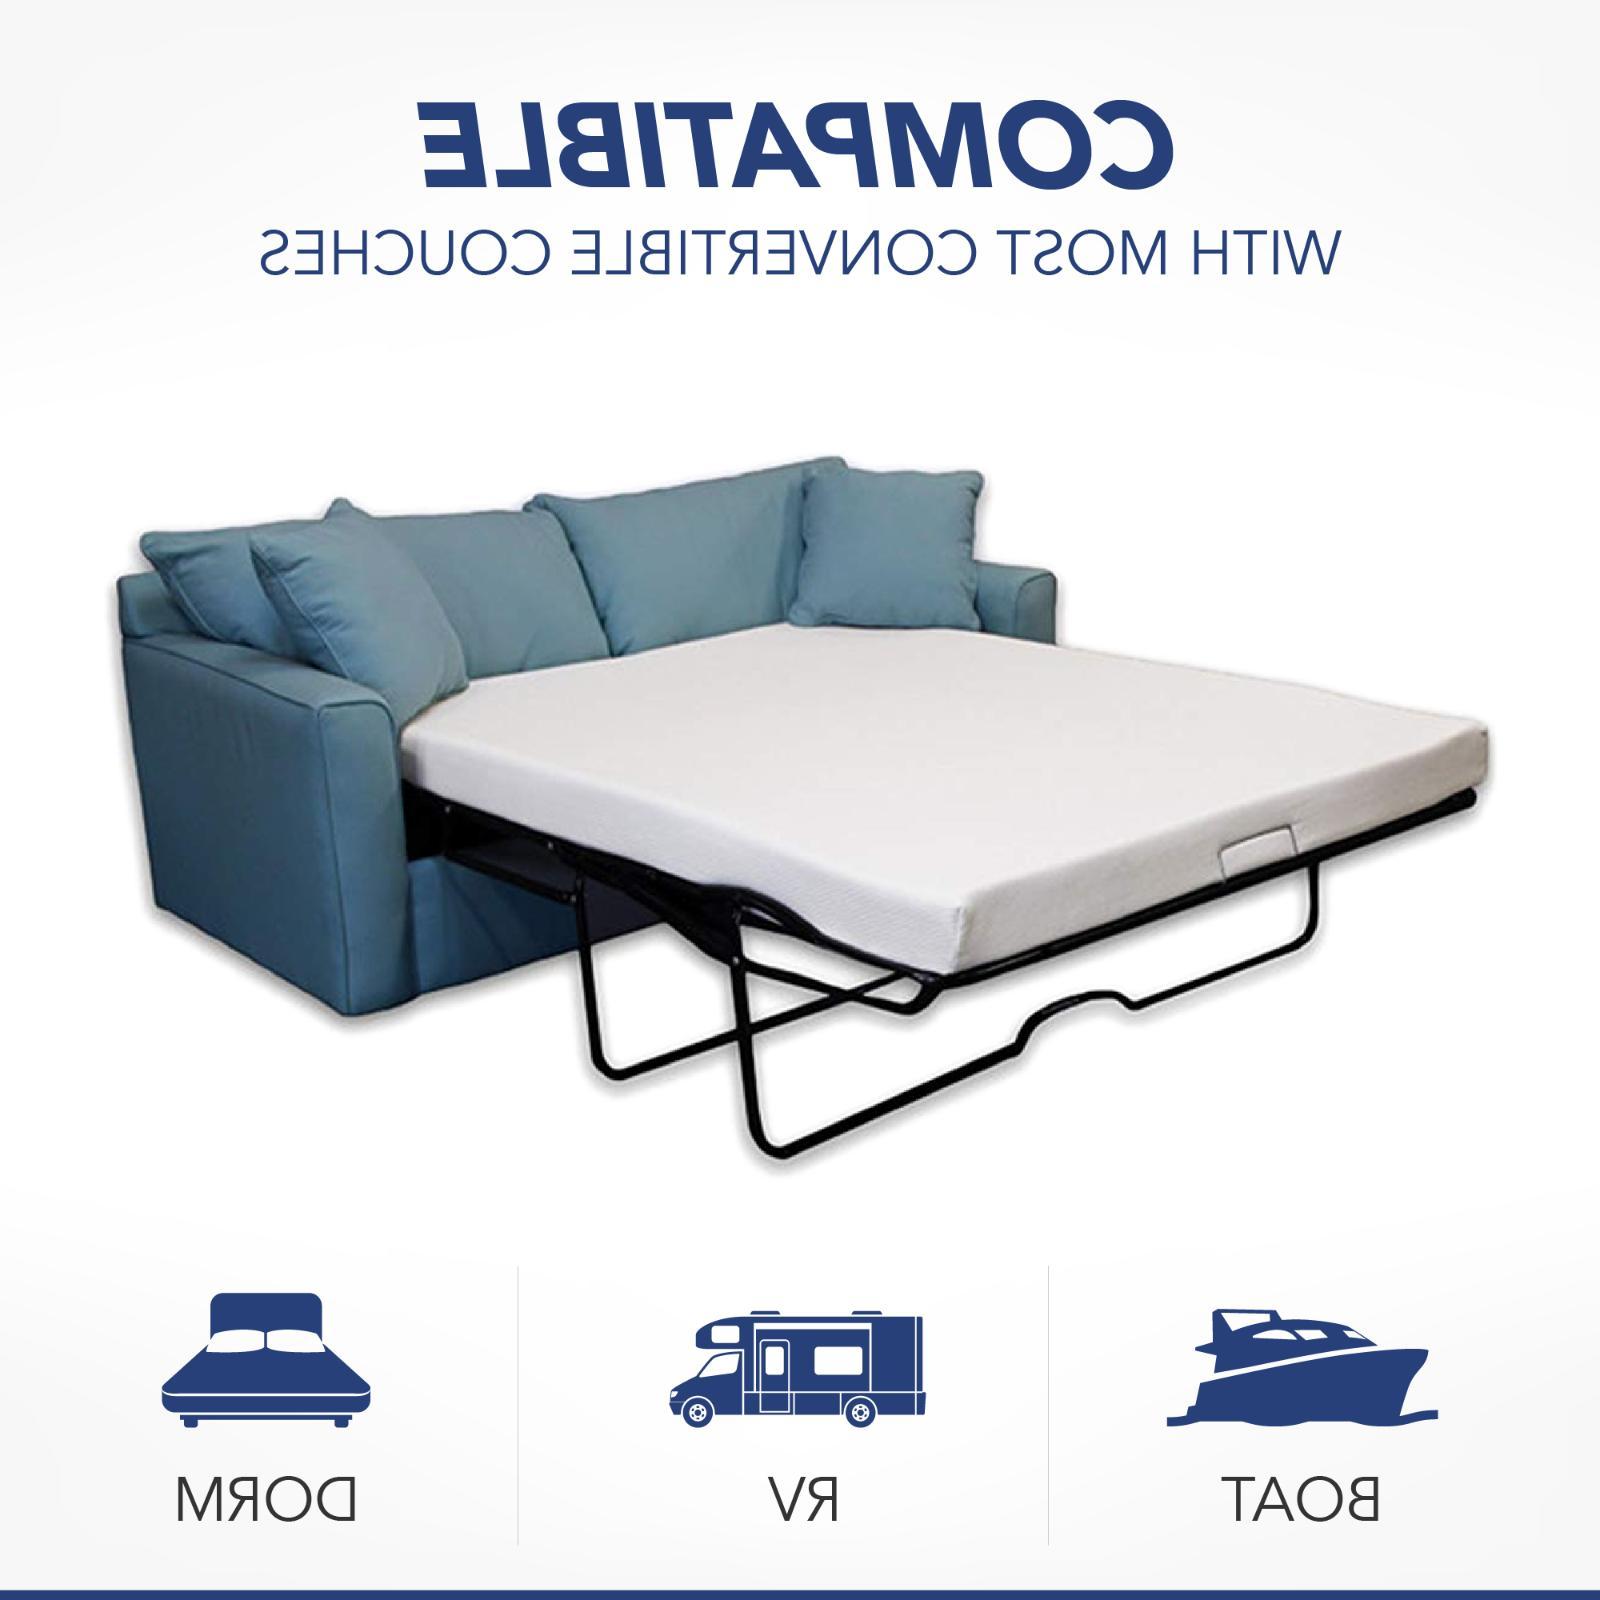 4 5 inch gel memory foam sofa